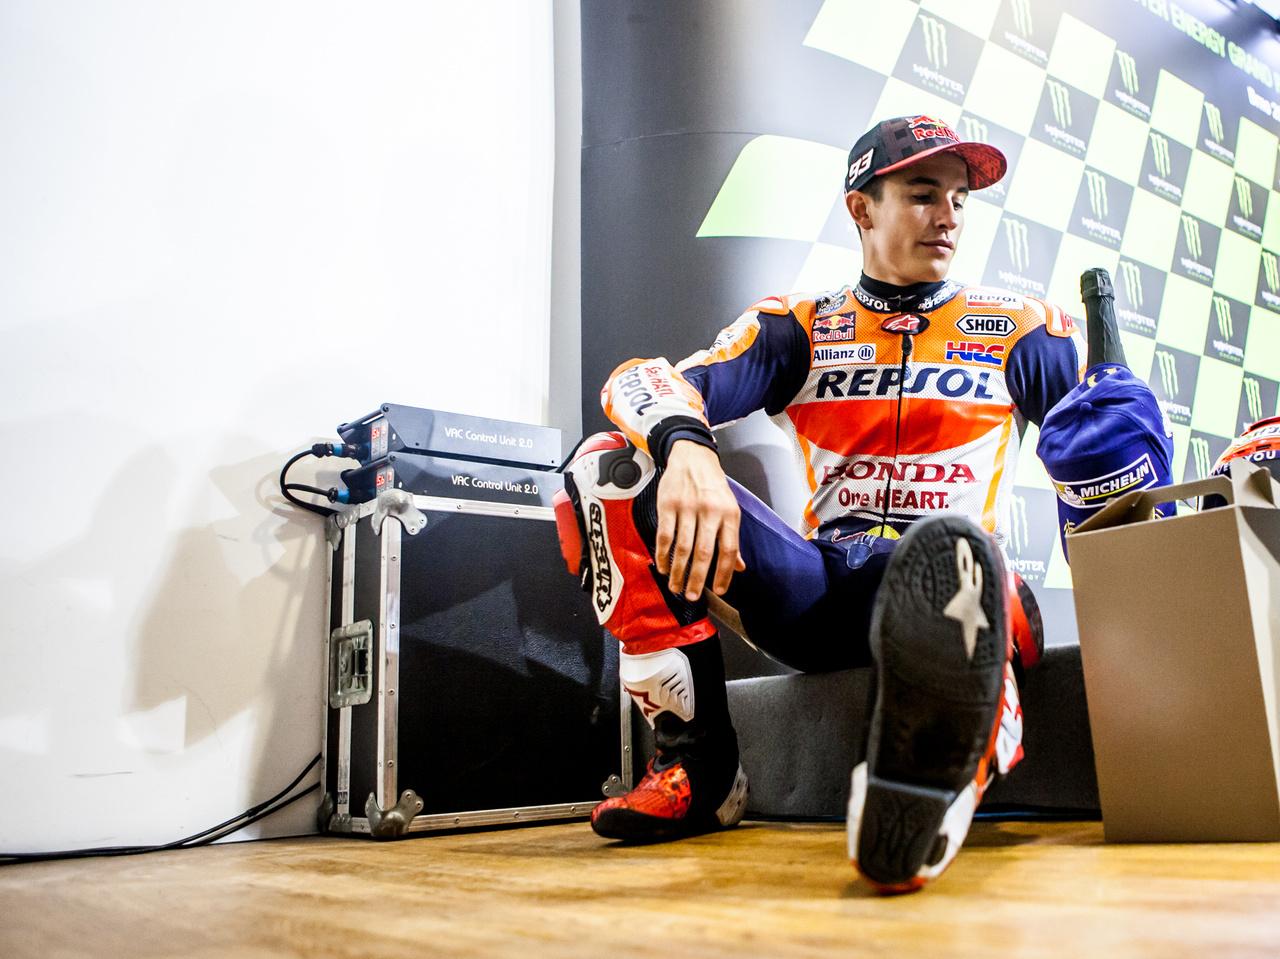 A világbajnok is ember. Márquez a sarokban ülve megvárta, míg sorra kerül, hogy kötelező jelleggel interjút adjon az egyik kiemelten kezelt spanyol televízió újságírójának